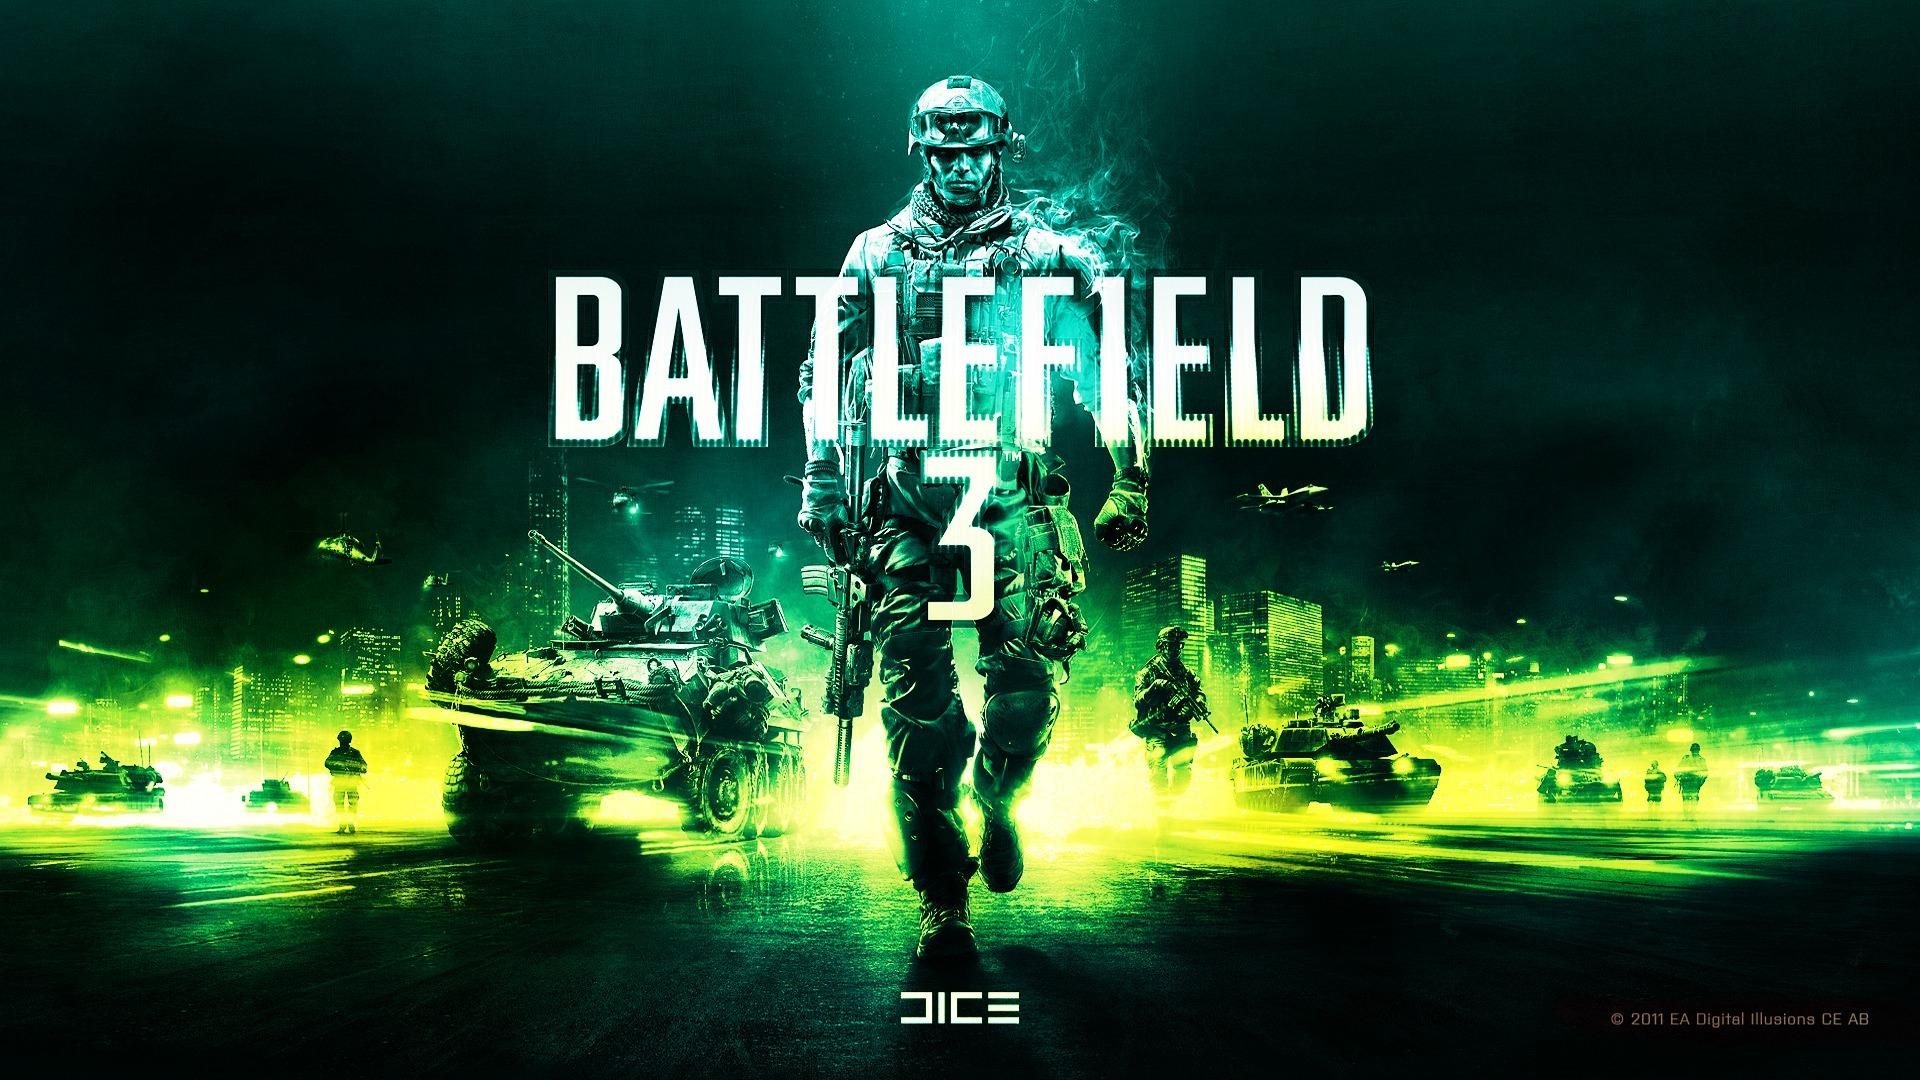 Battlefield 3 Wallpapers 05 Preview 10wallpaper Com